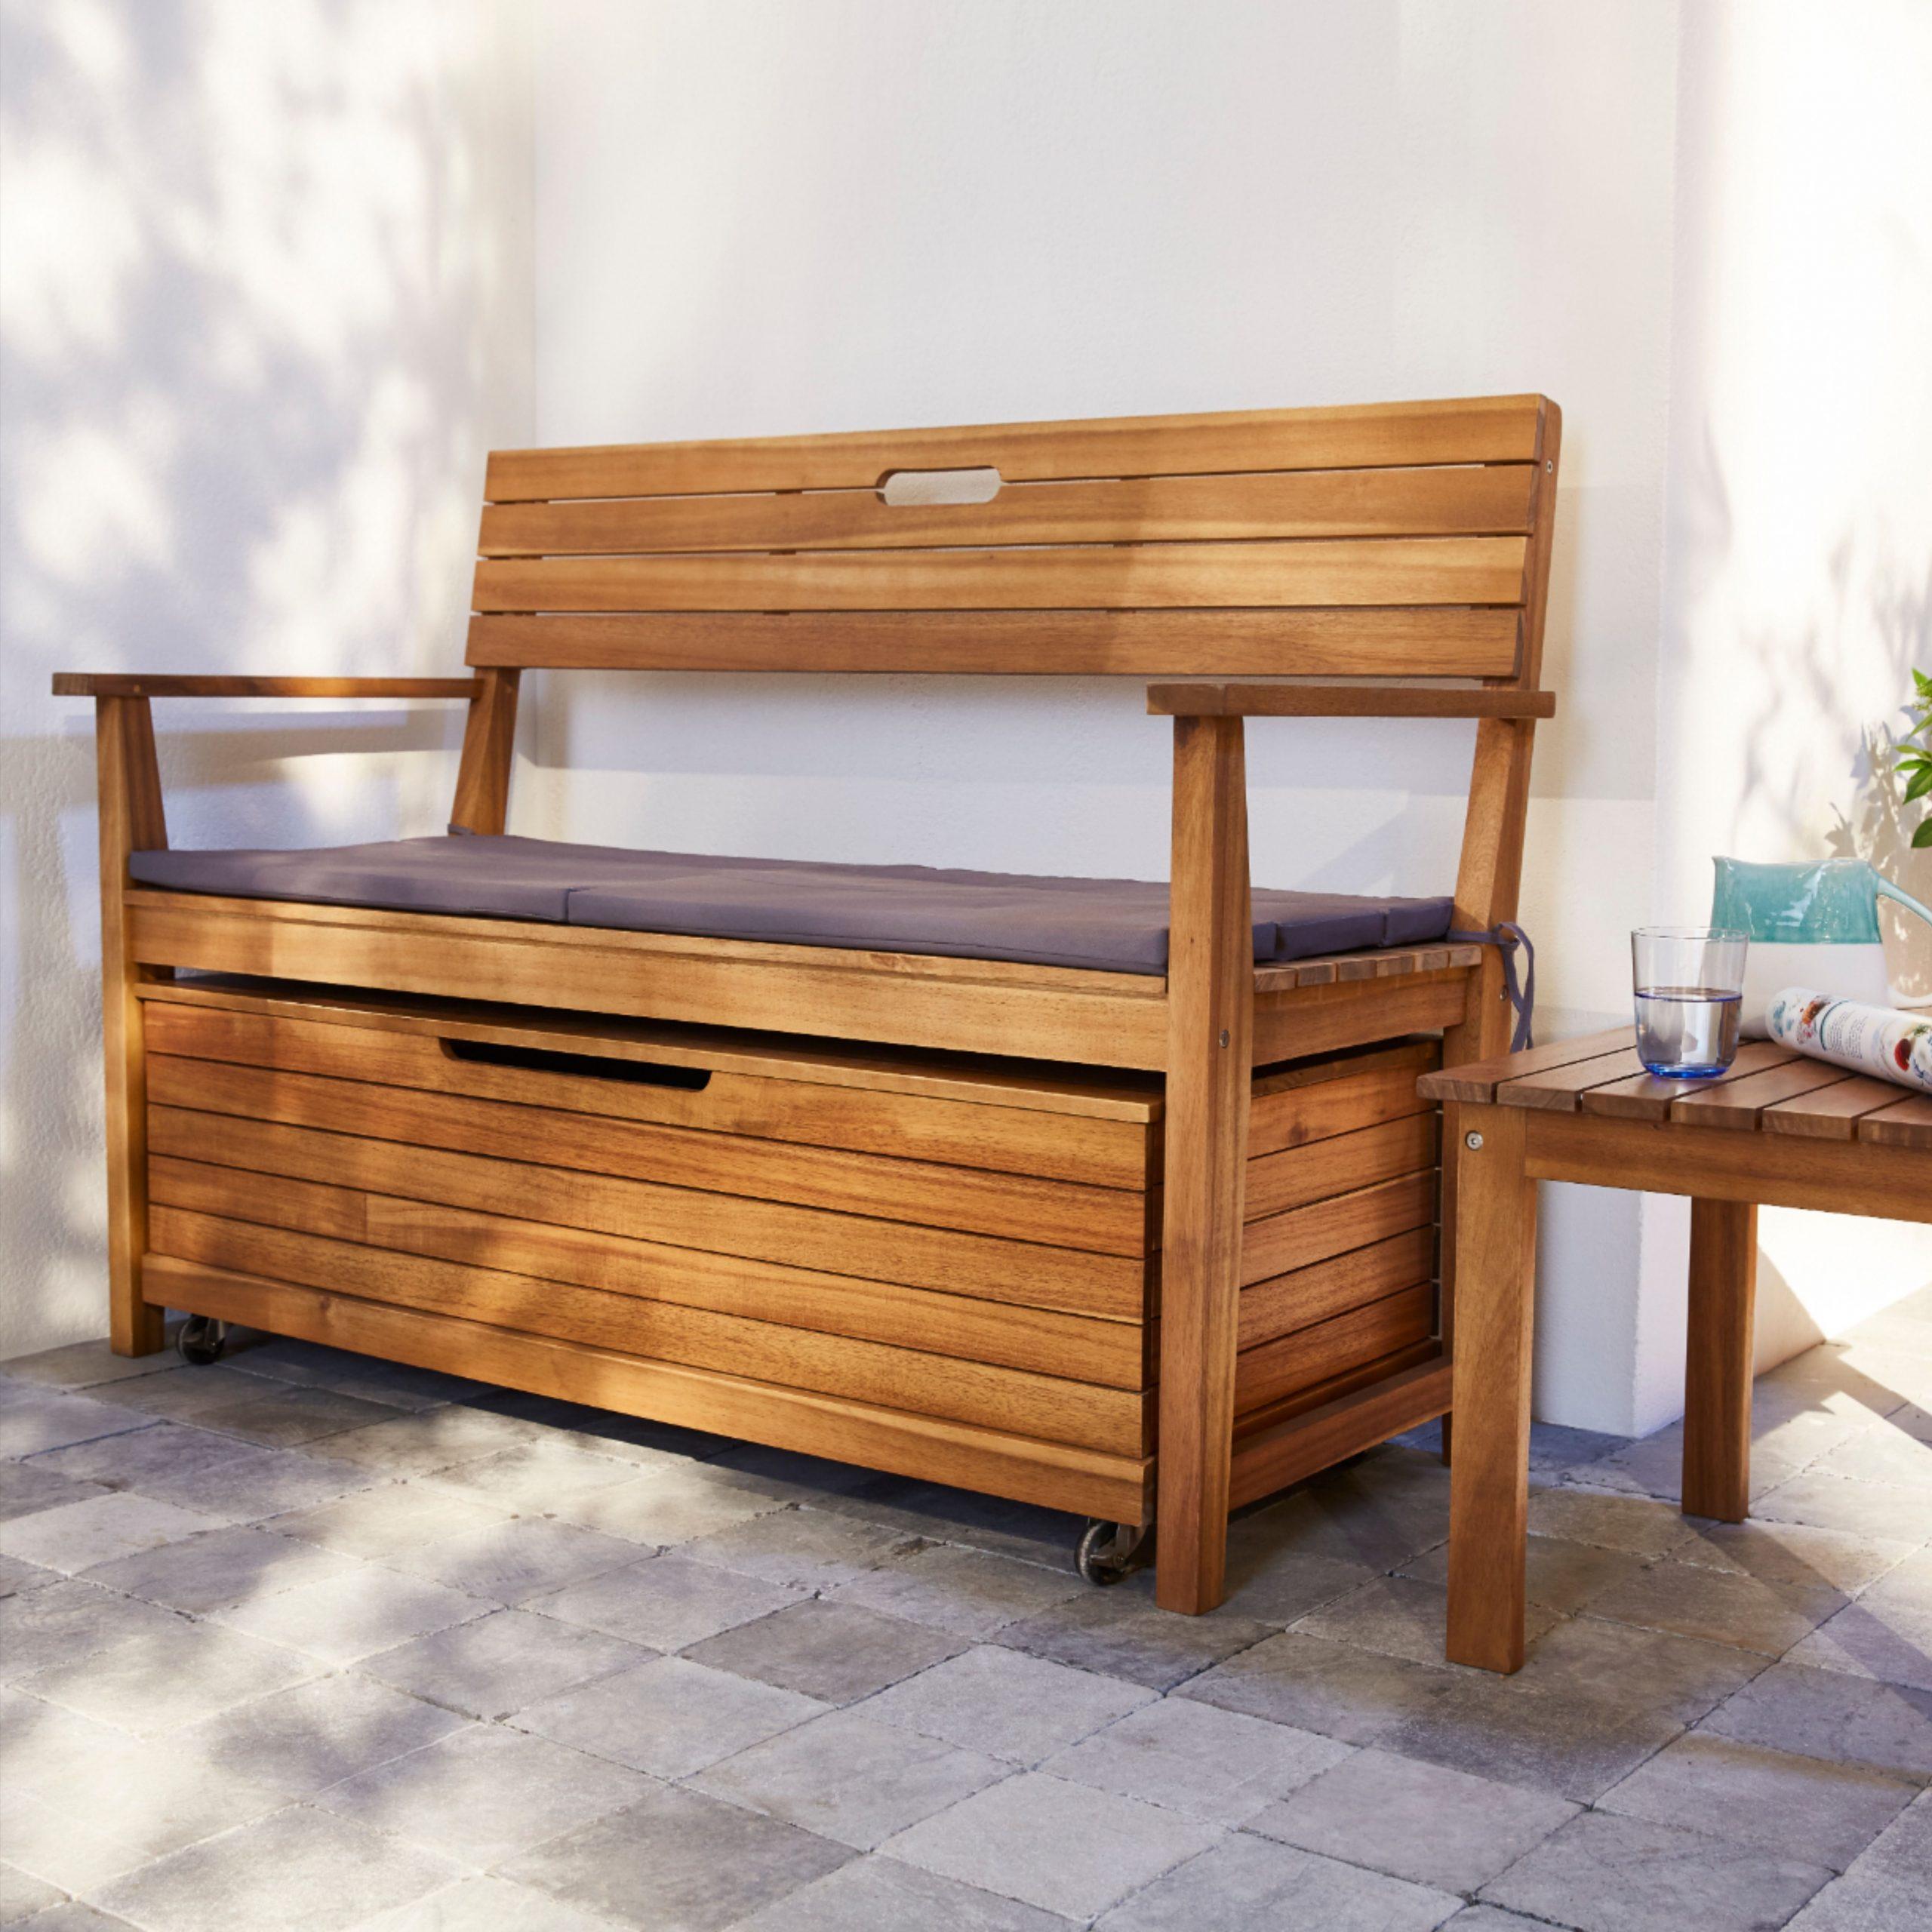 Coffre De Jardin Denia | Coffre De Jardin, Décoration Maison ... à Coffre De Jardin Castorama